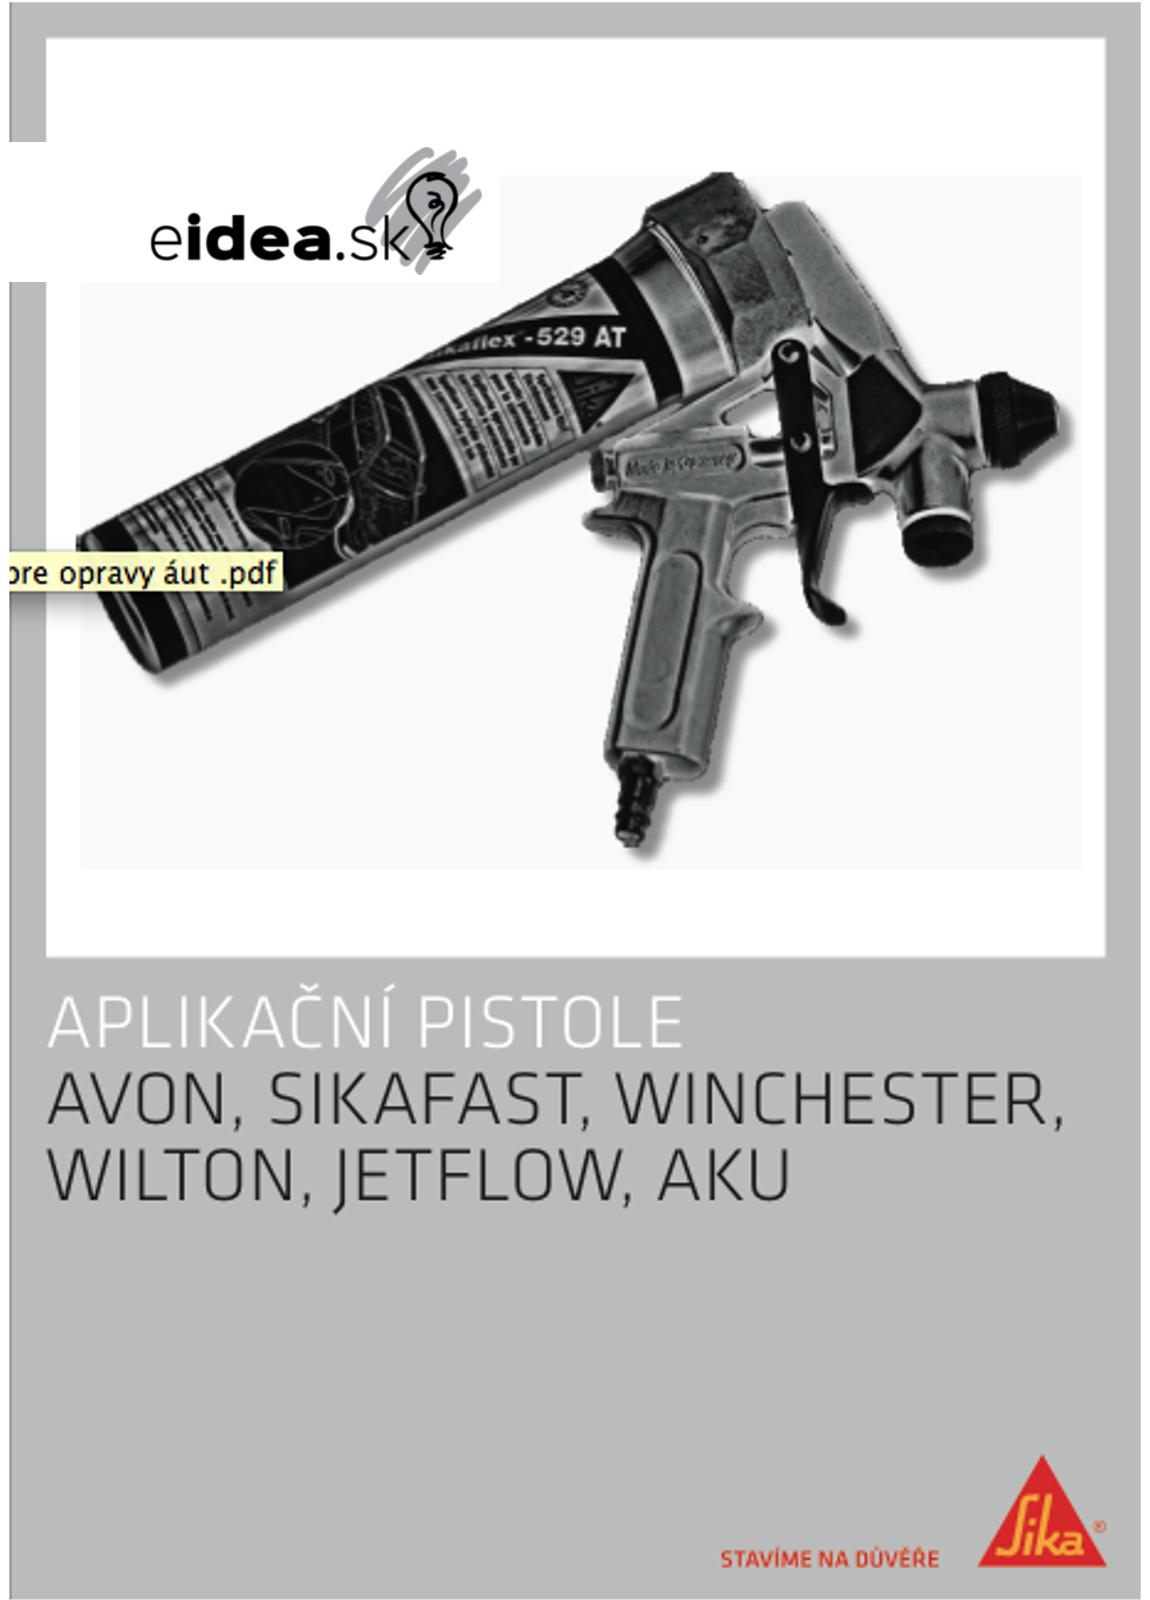 Katalog Pistole